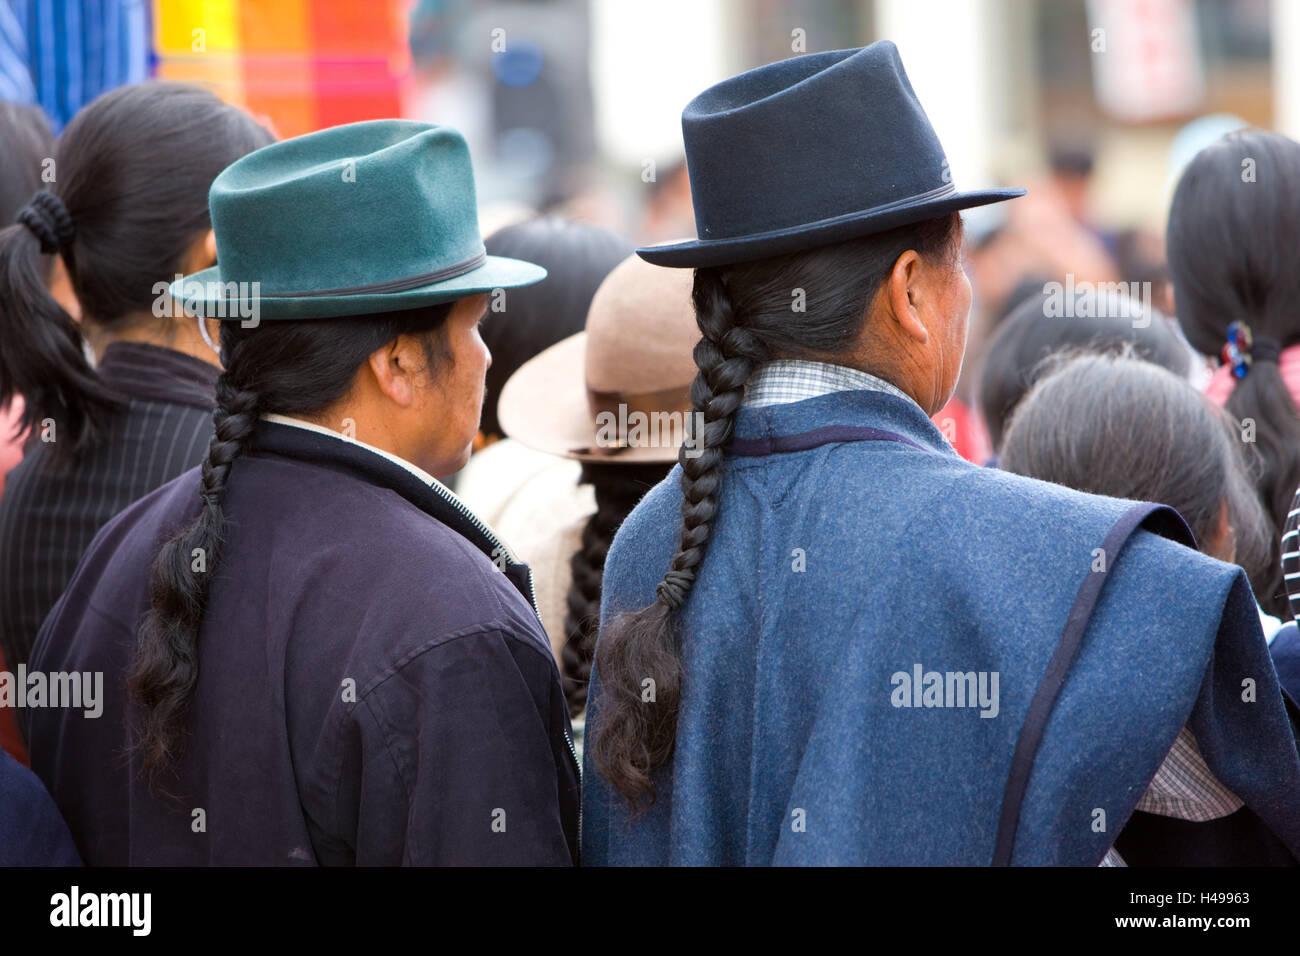 Ecuador, Provinz Cotopaxi, Pujilí, Markt, Männer, Südamerika, Cotopaxi, einheimische, Menschen, Einkaufen, Stockbild